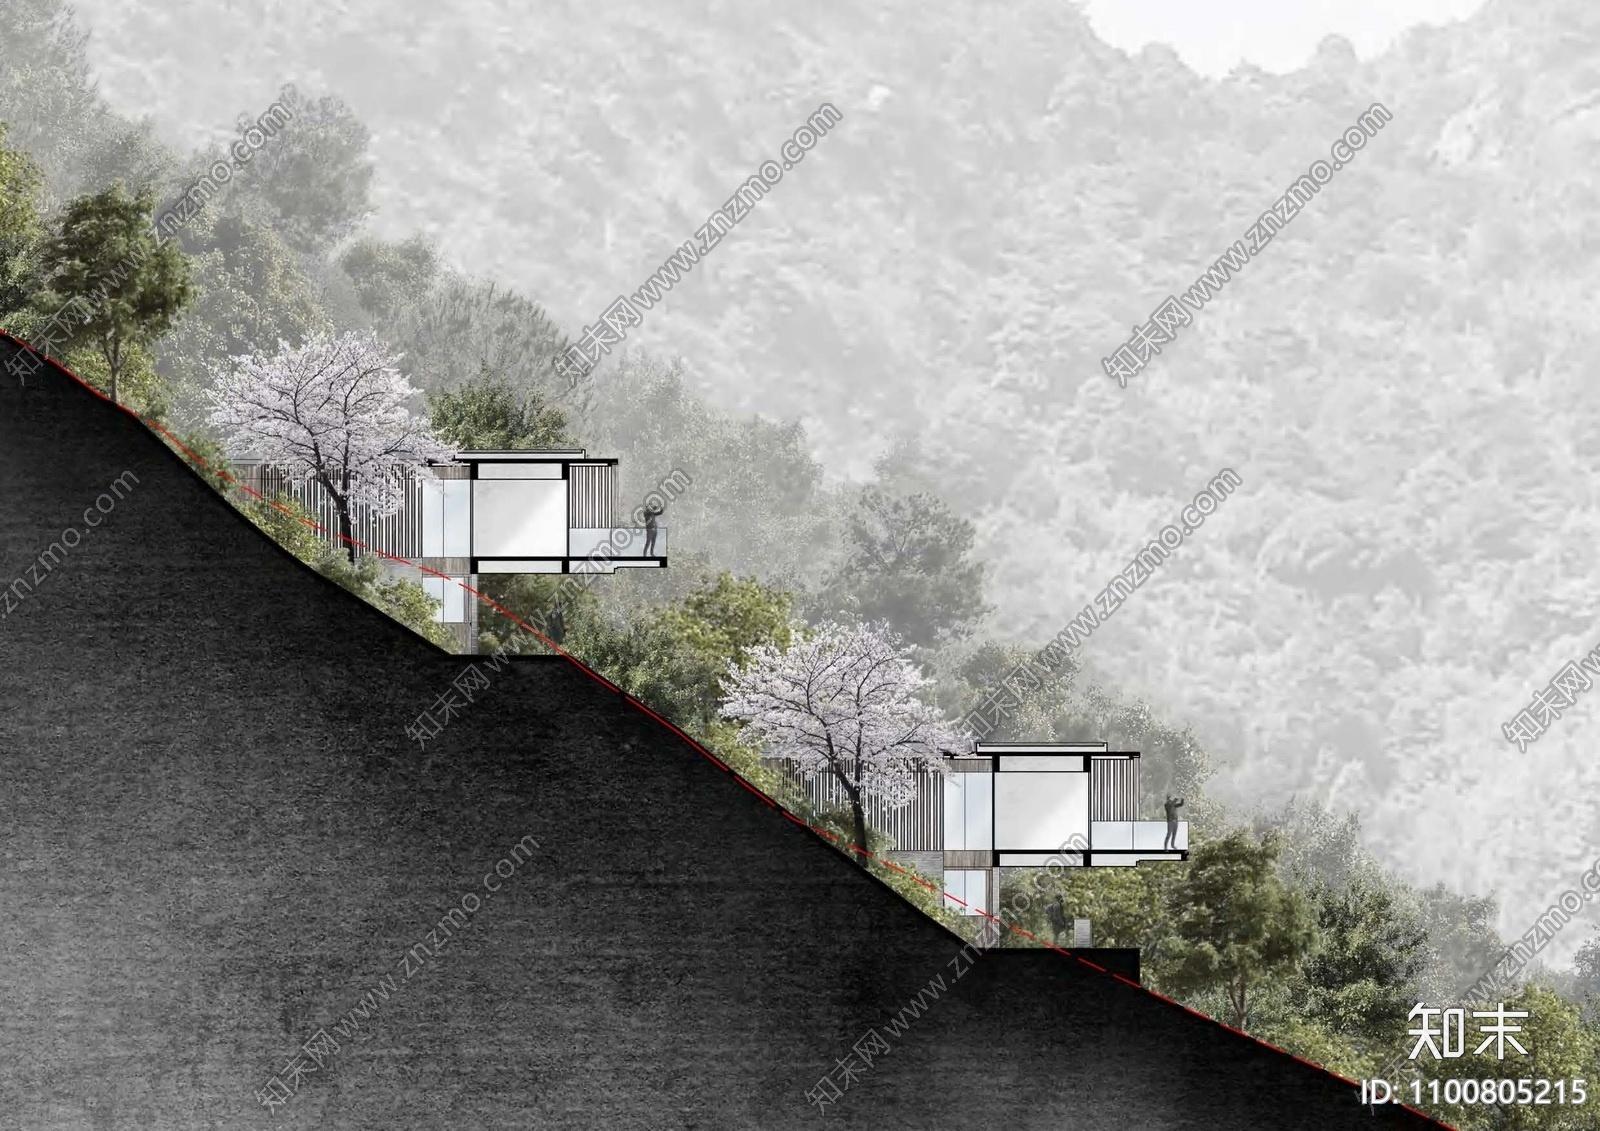 峨眉山中式山地项目 澄境酒店方案方案文本下载【ID:1100805215】